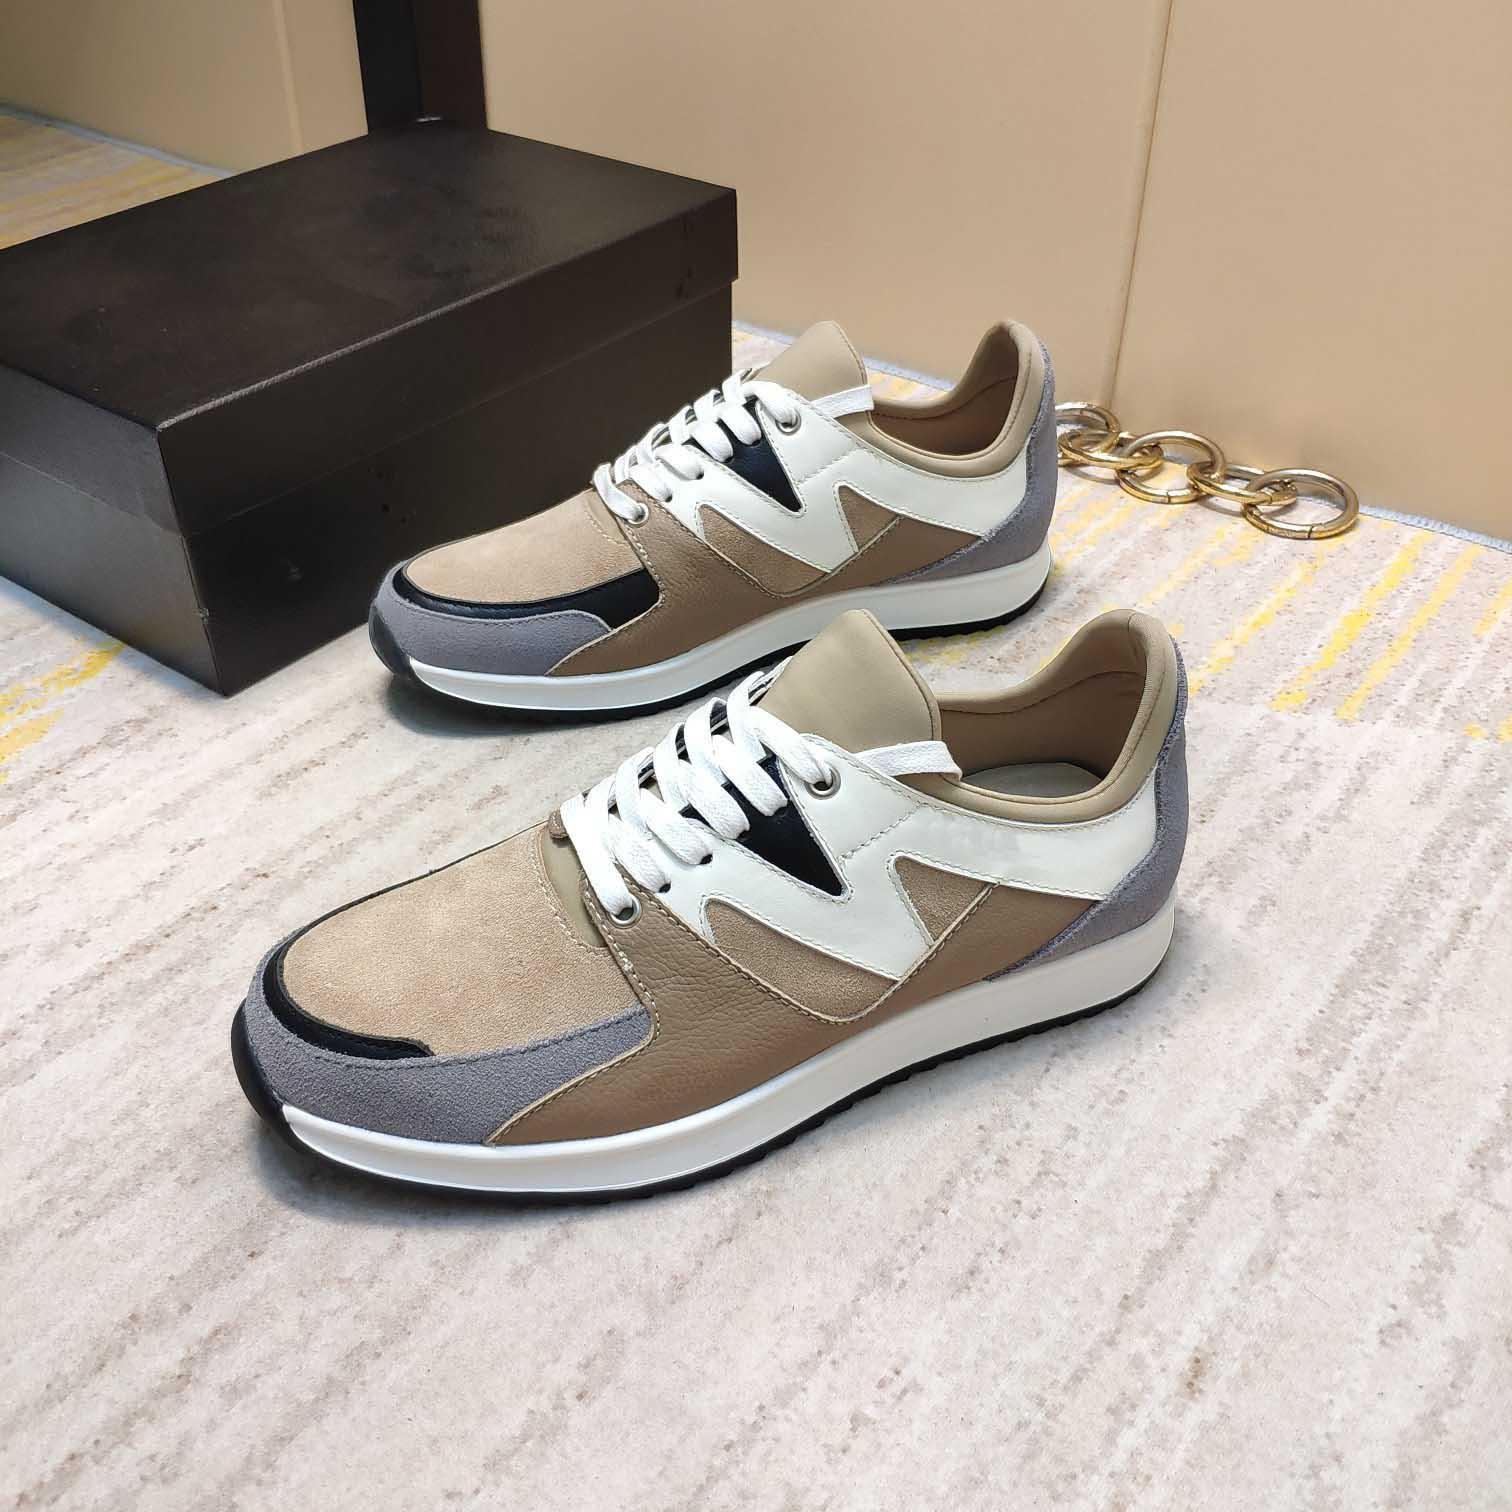 2020R neuen beiläufigen Männer wilden Trend Schuhe Sportschuhe wandern reisen Schuhe und andere Originalverpackung mit ursprünglichem Kasten schnelle Lieferung